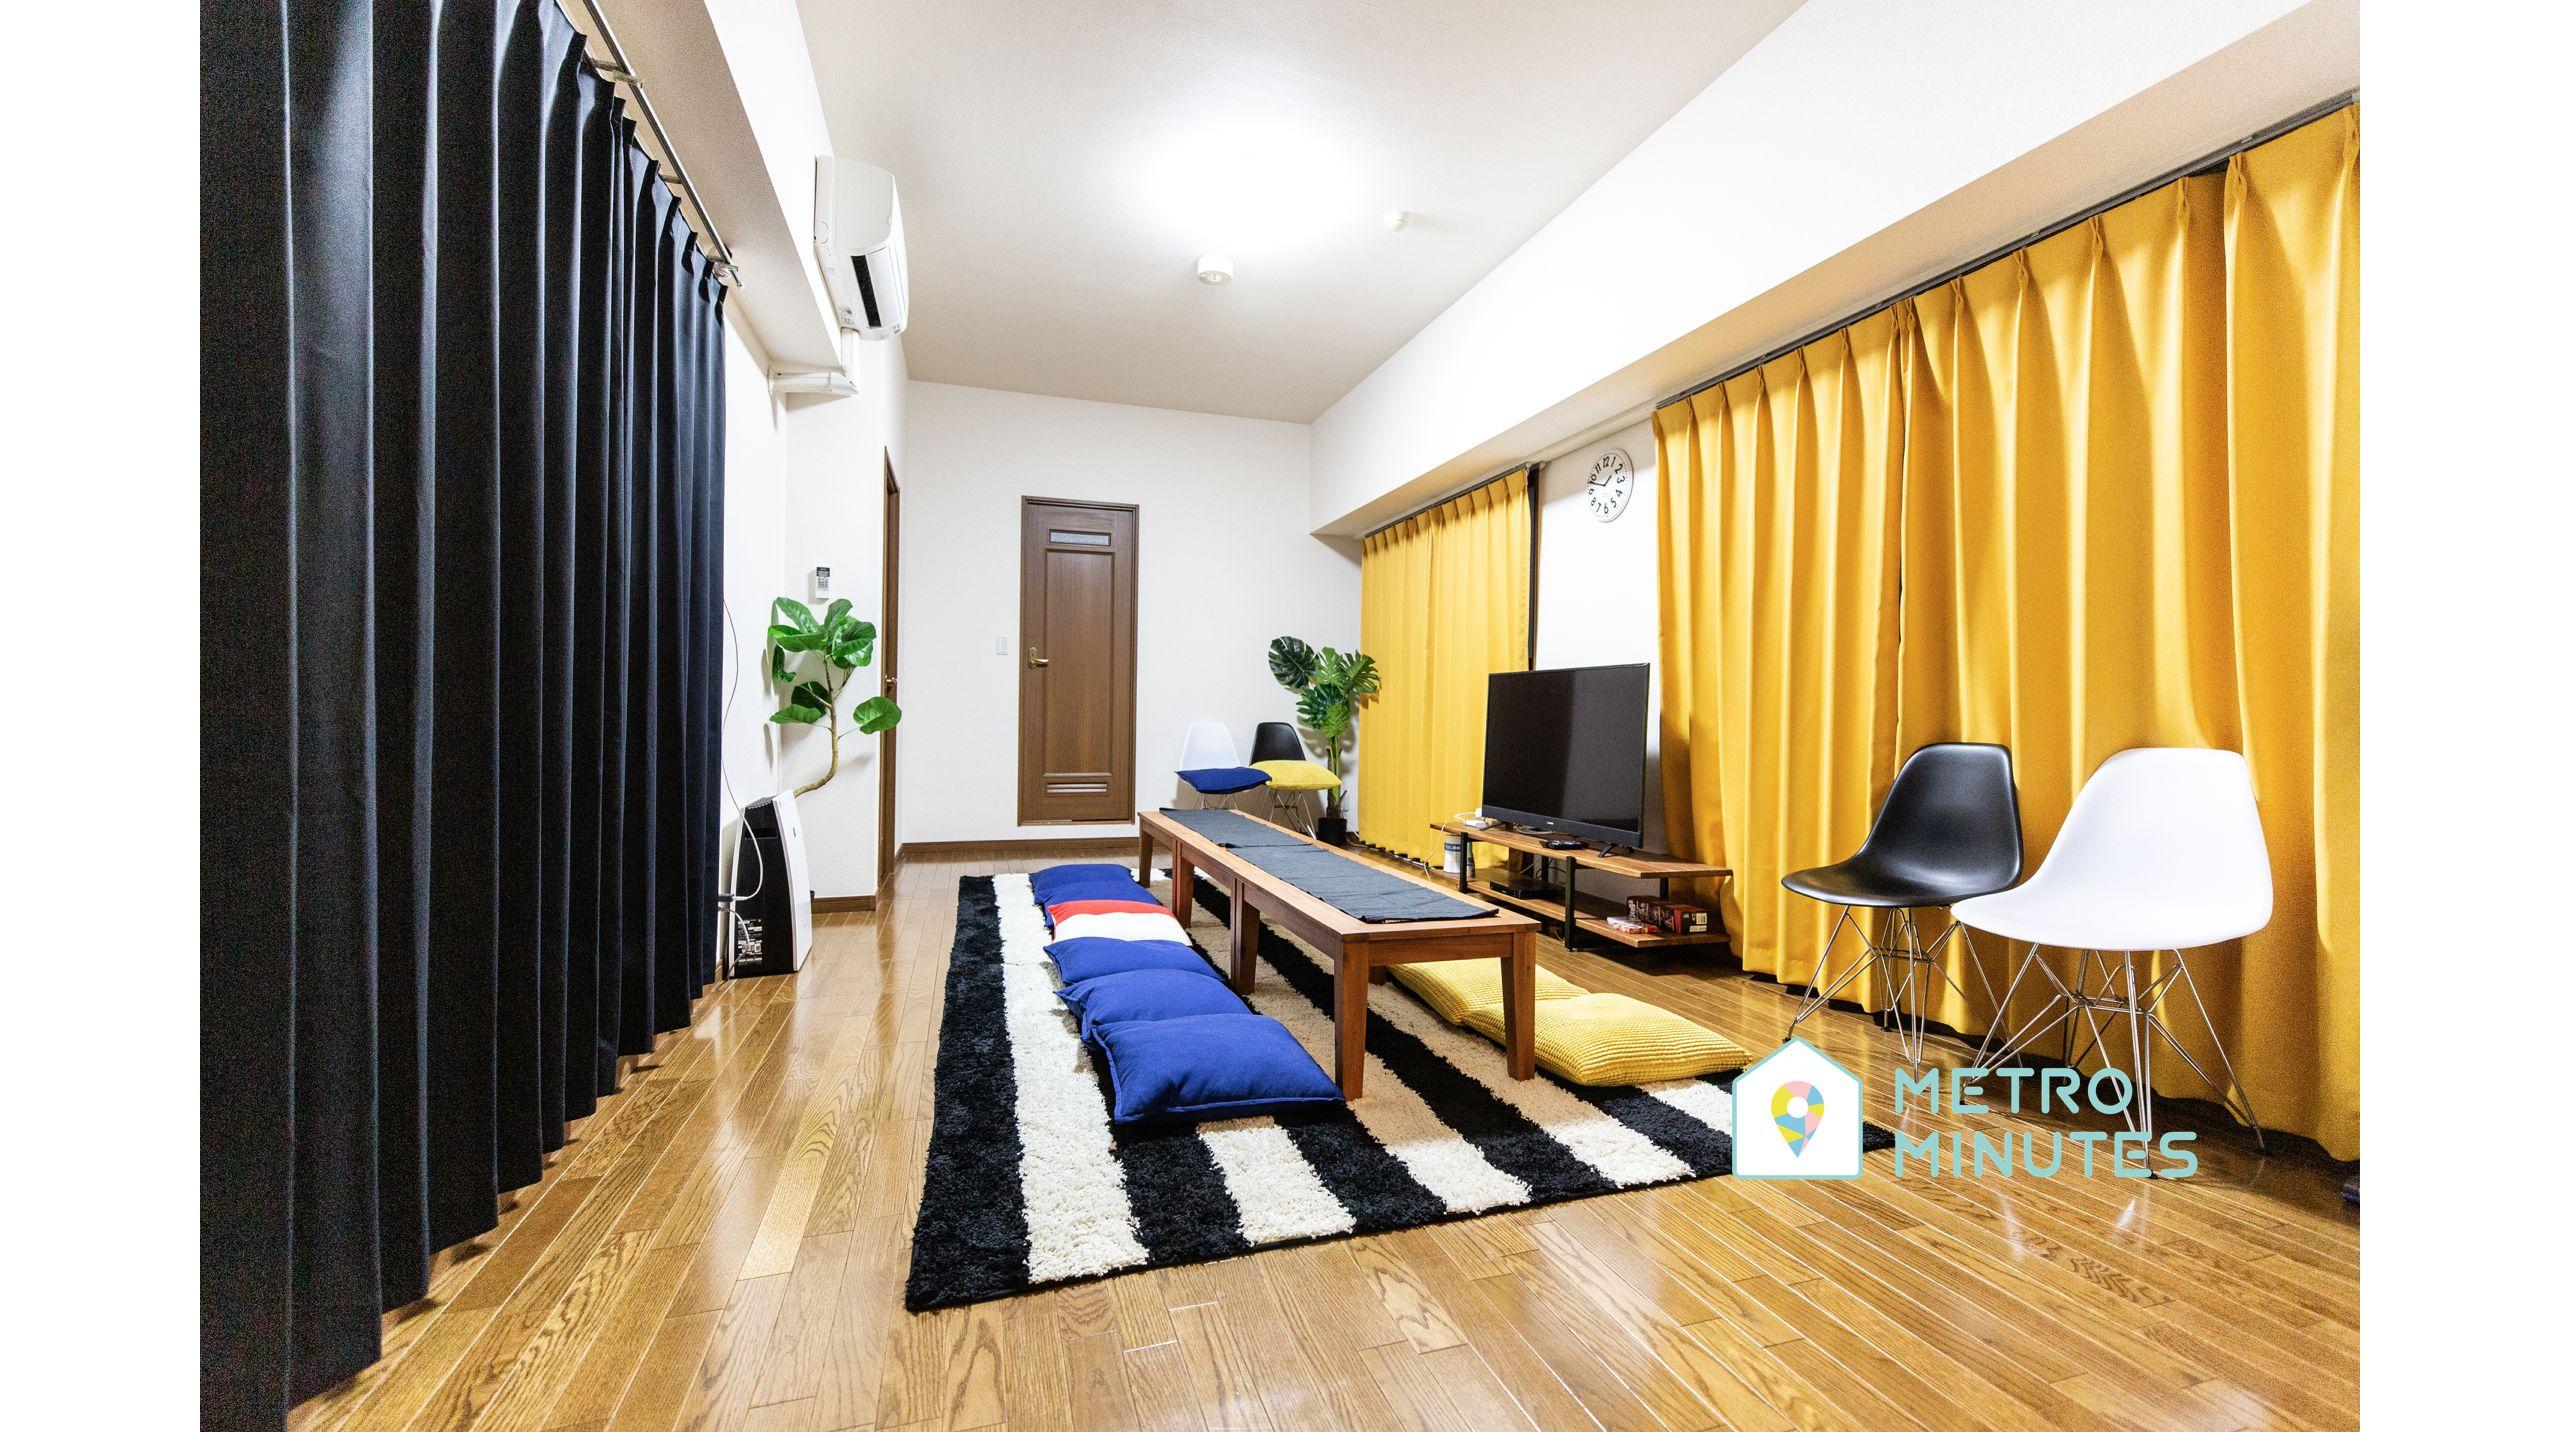 【バンビスペース】 可愛いスペース♡会議・撮影プランの室内の写真